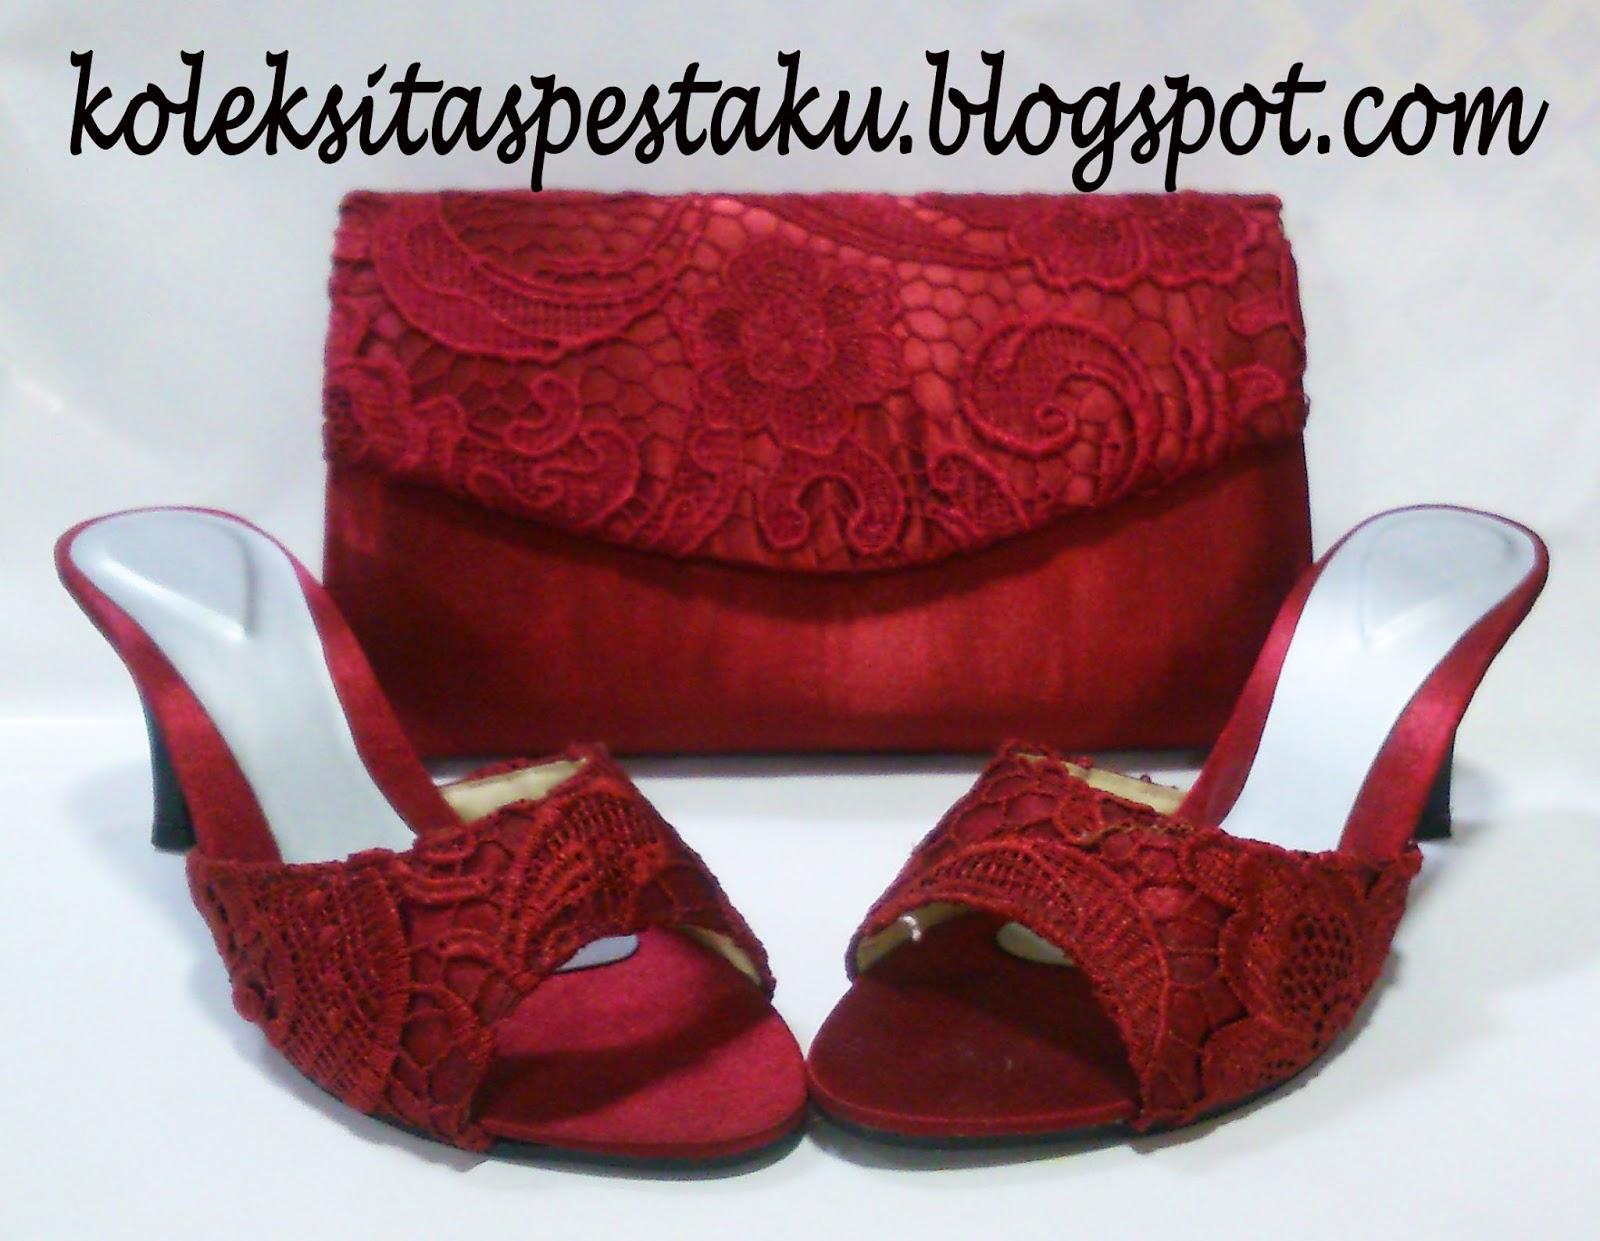 Sandal Pesta dan Tas Pesta Maroon Mewah Cantik Unik